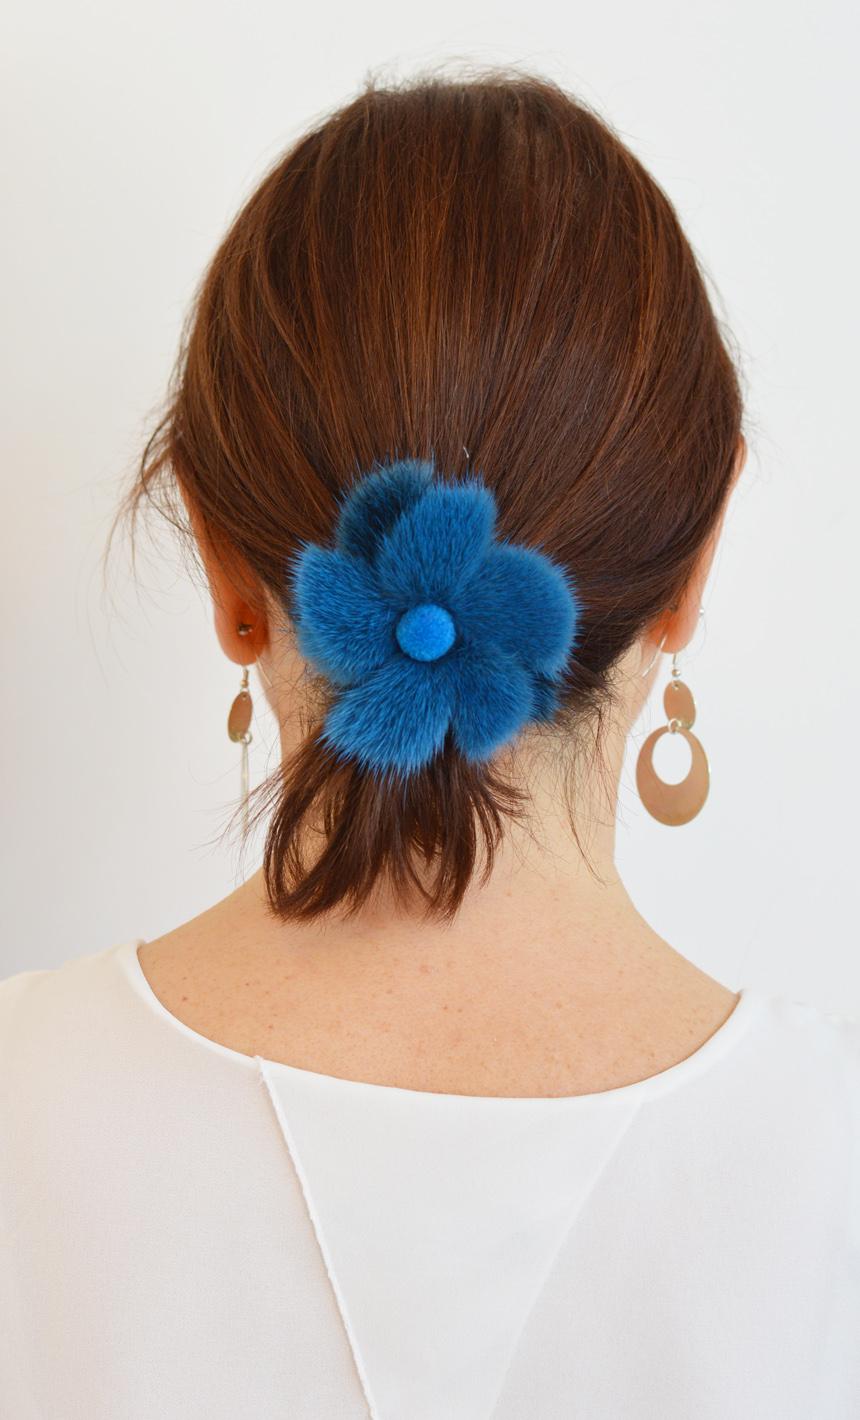 Elastico capelli in pelliccia di visone colorato di azzurro